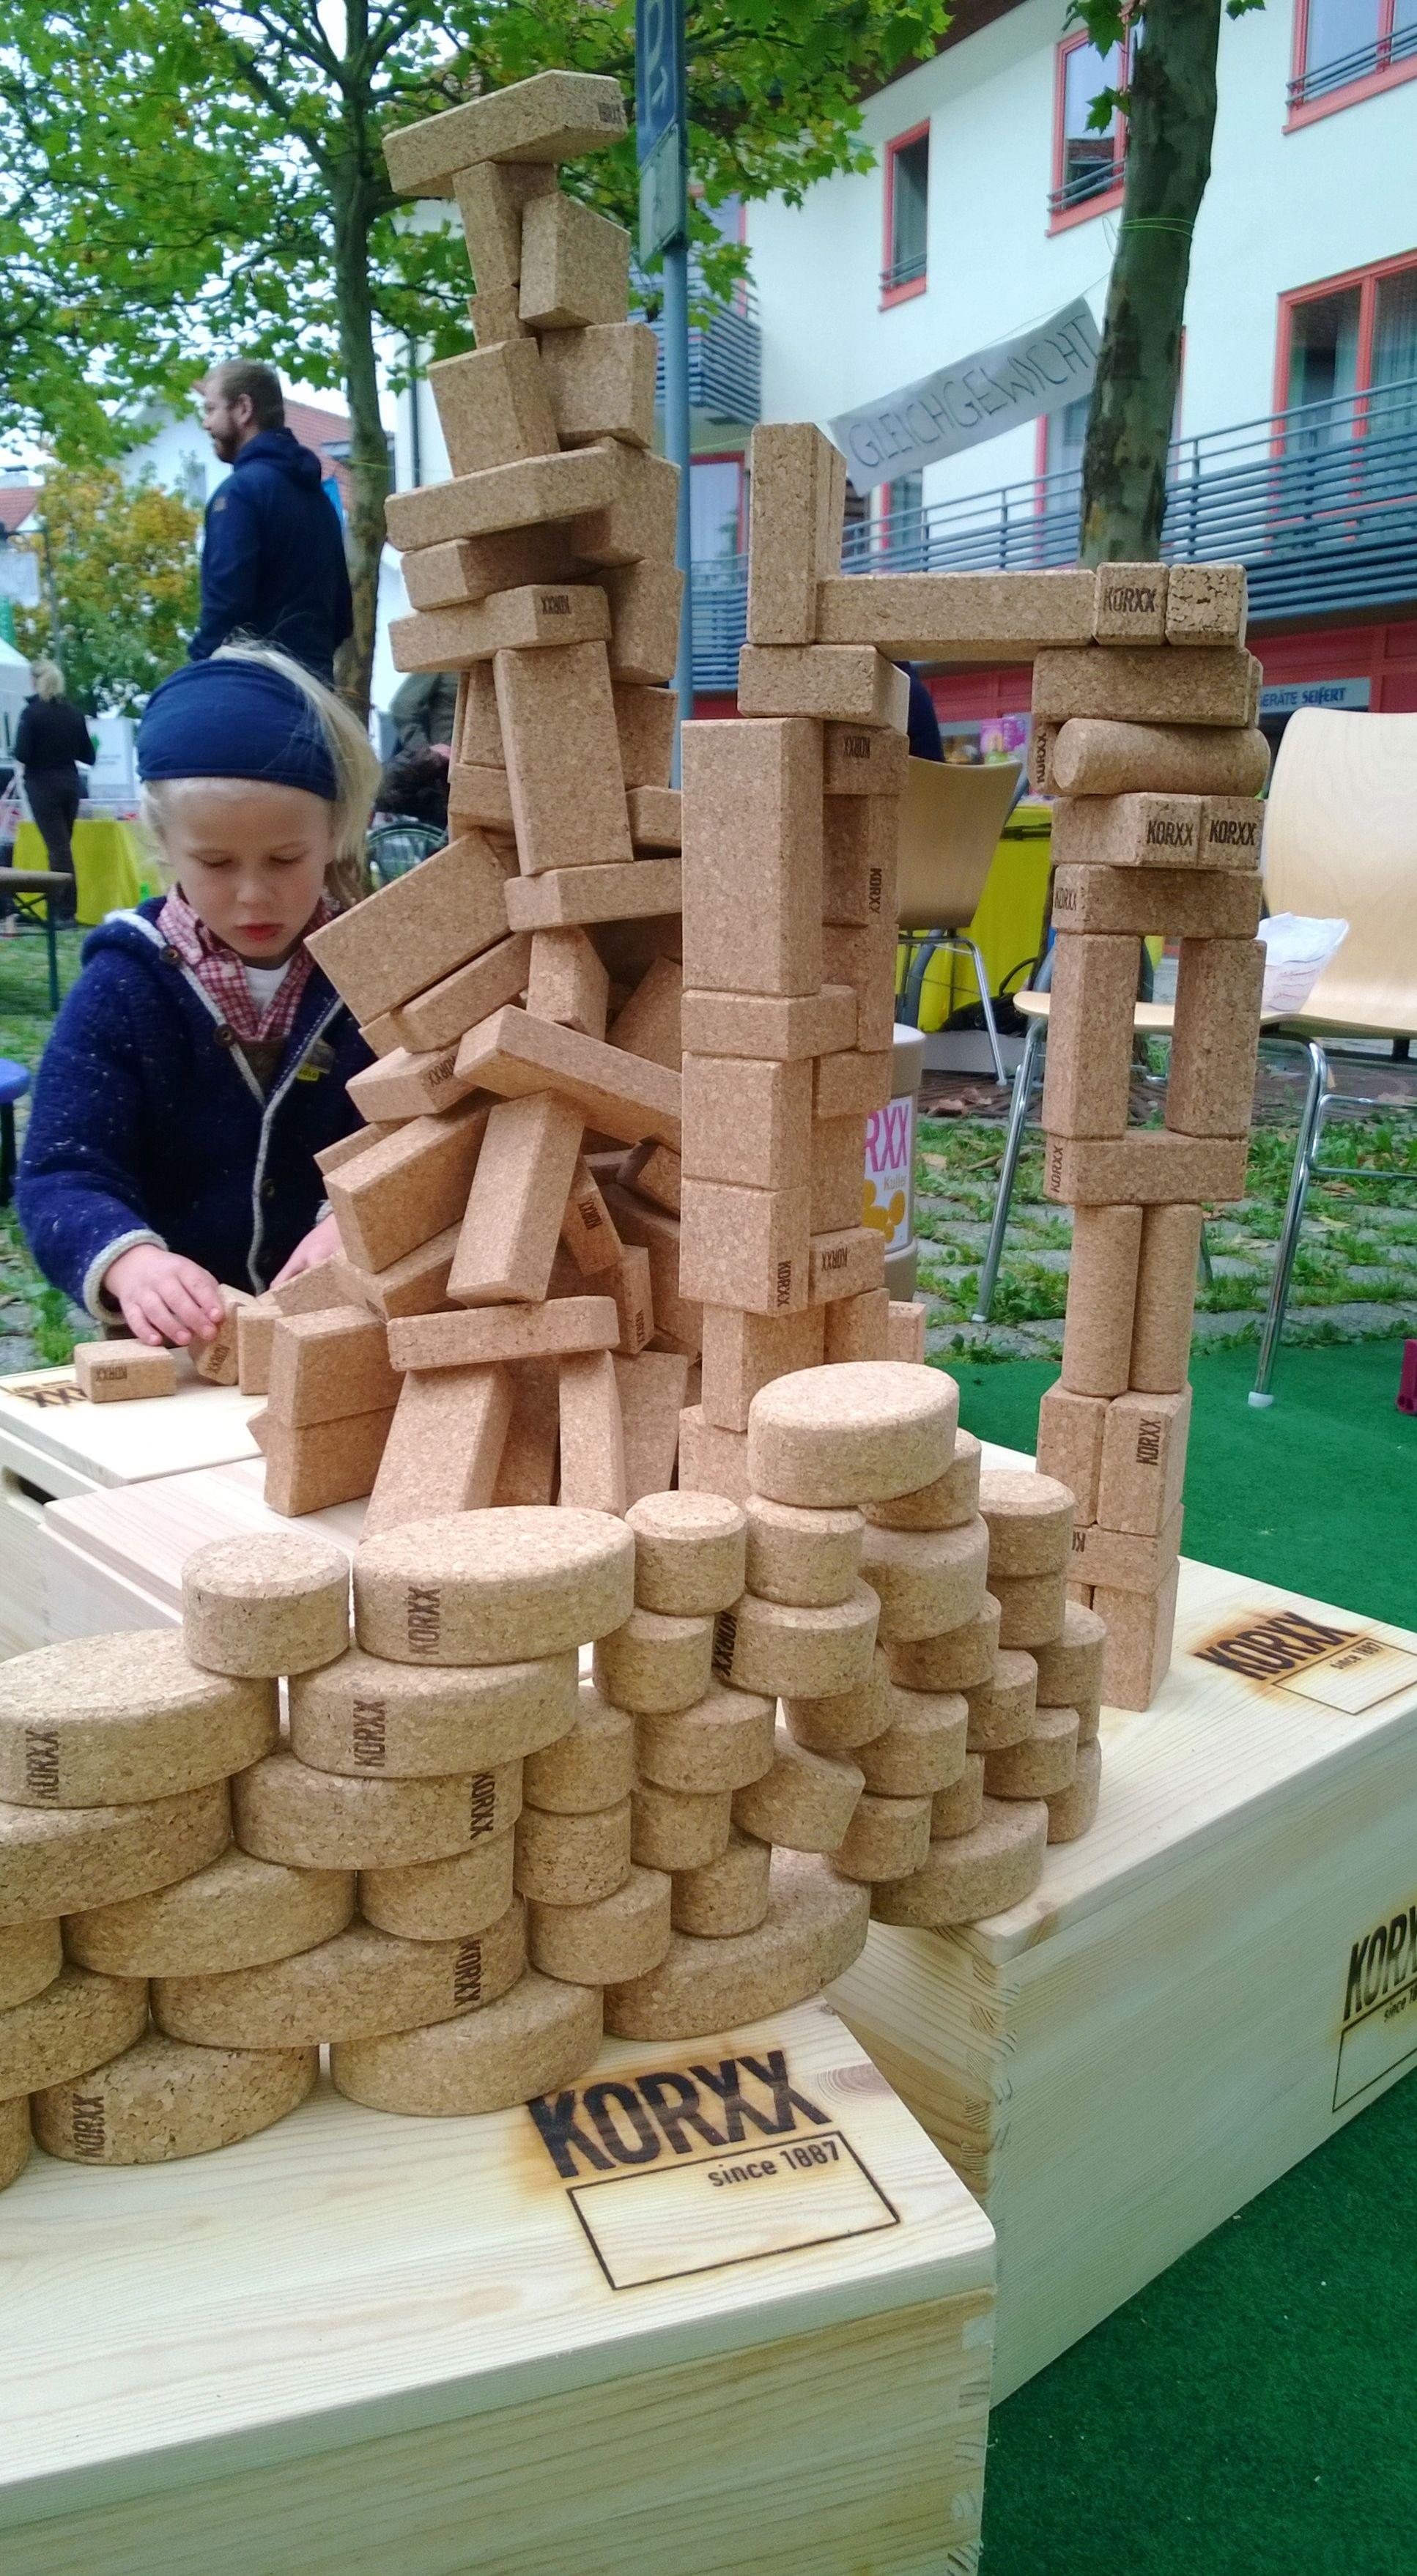 Kor Outdoor Play Cork Building Blocks